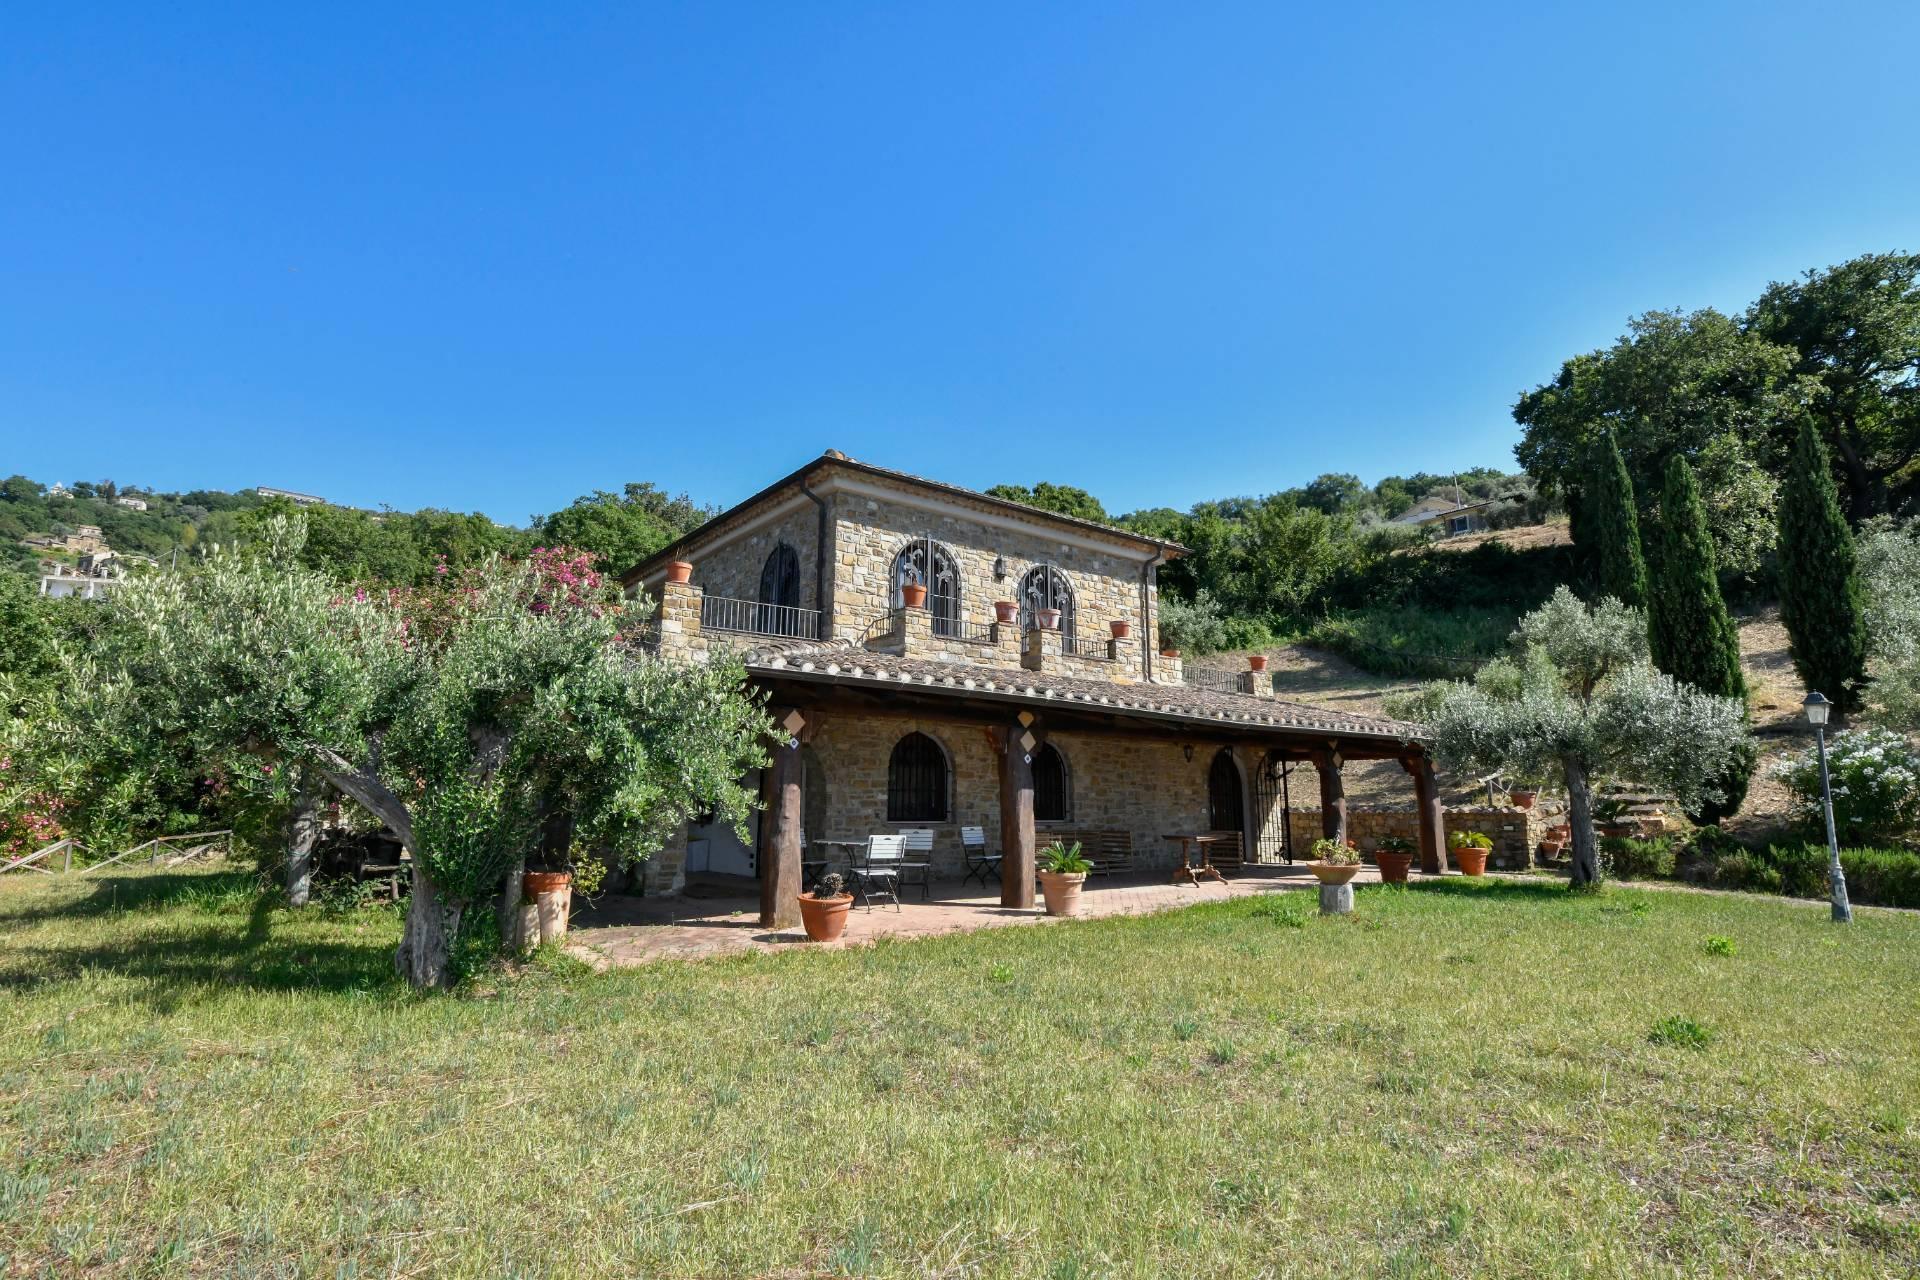 Villa in vendita a Castellabate, 6 locali, zona Località: S.aMaria, prezzo € 820.000   CambioCasa.it